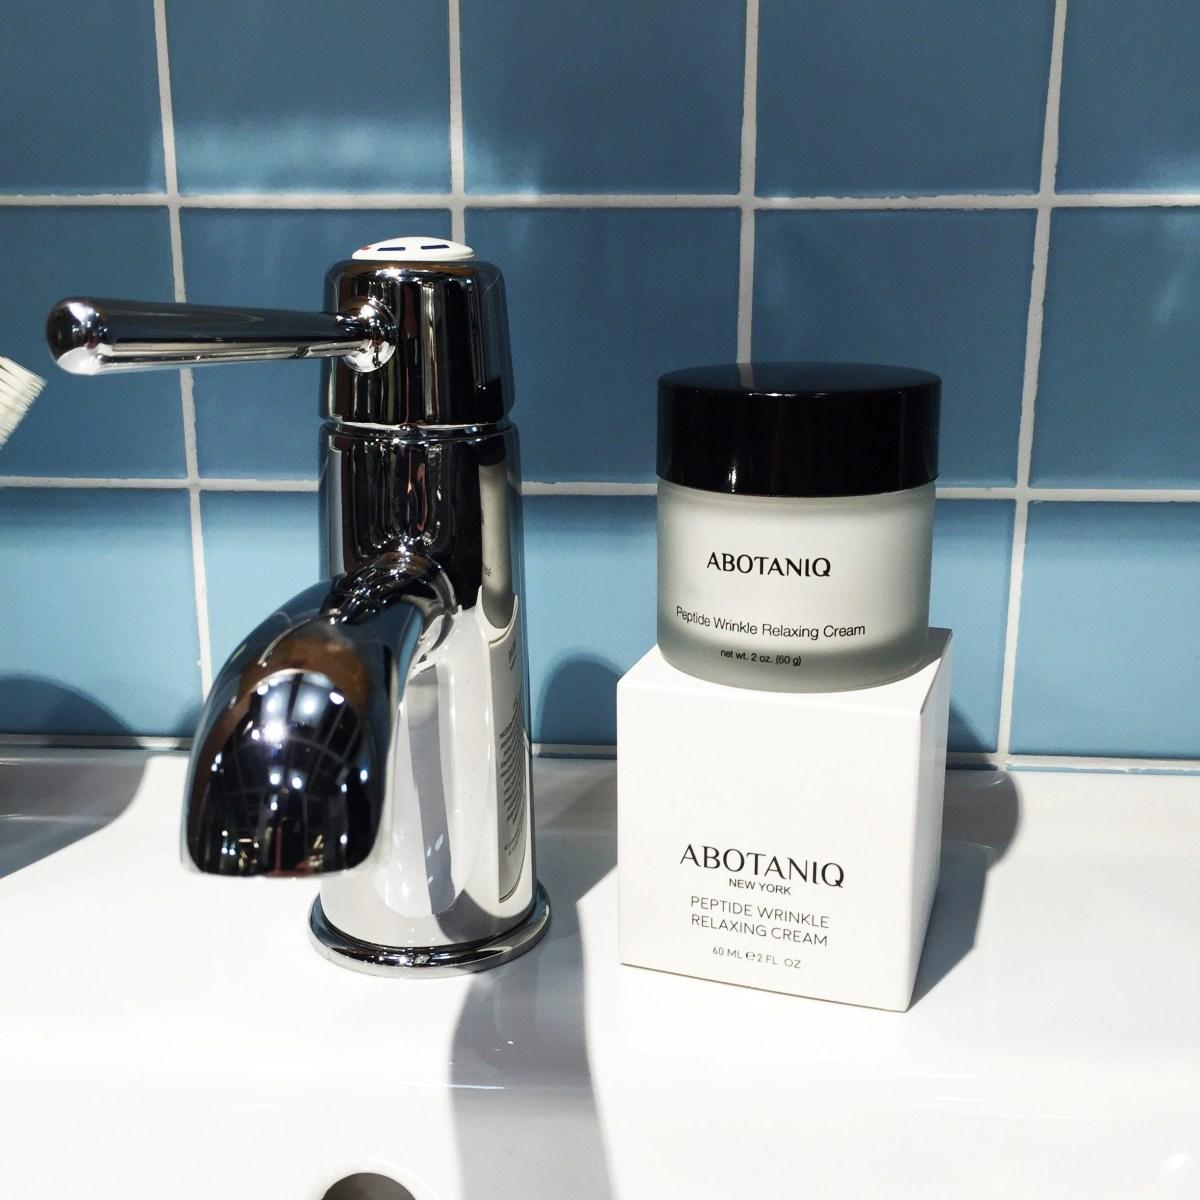 ABOTANIQ Peptide Wrinkle Relaxing Cream